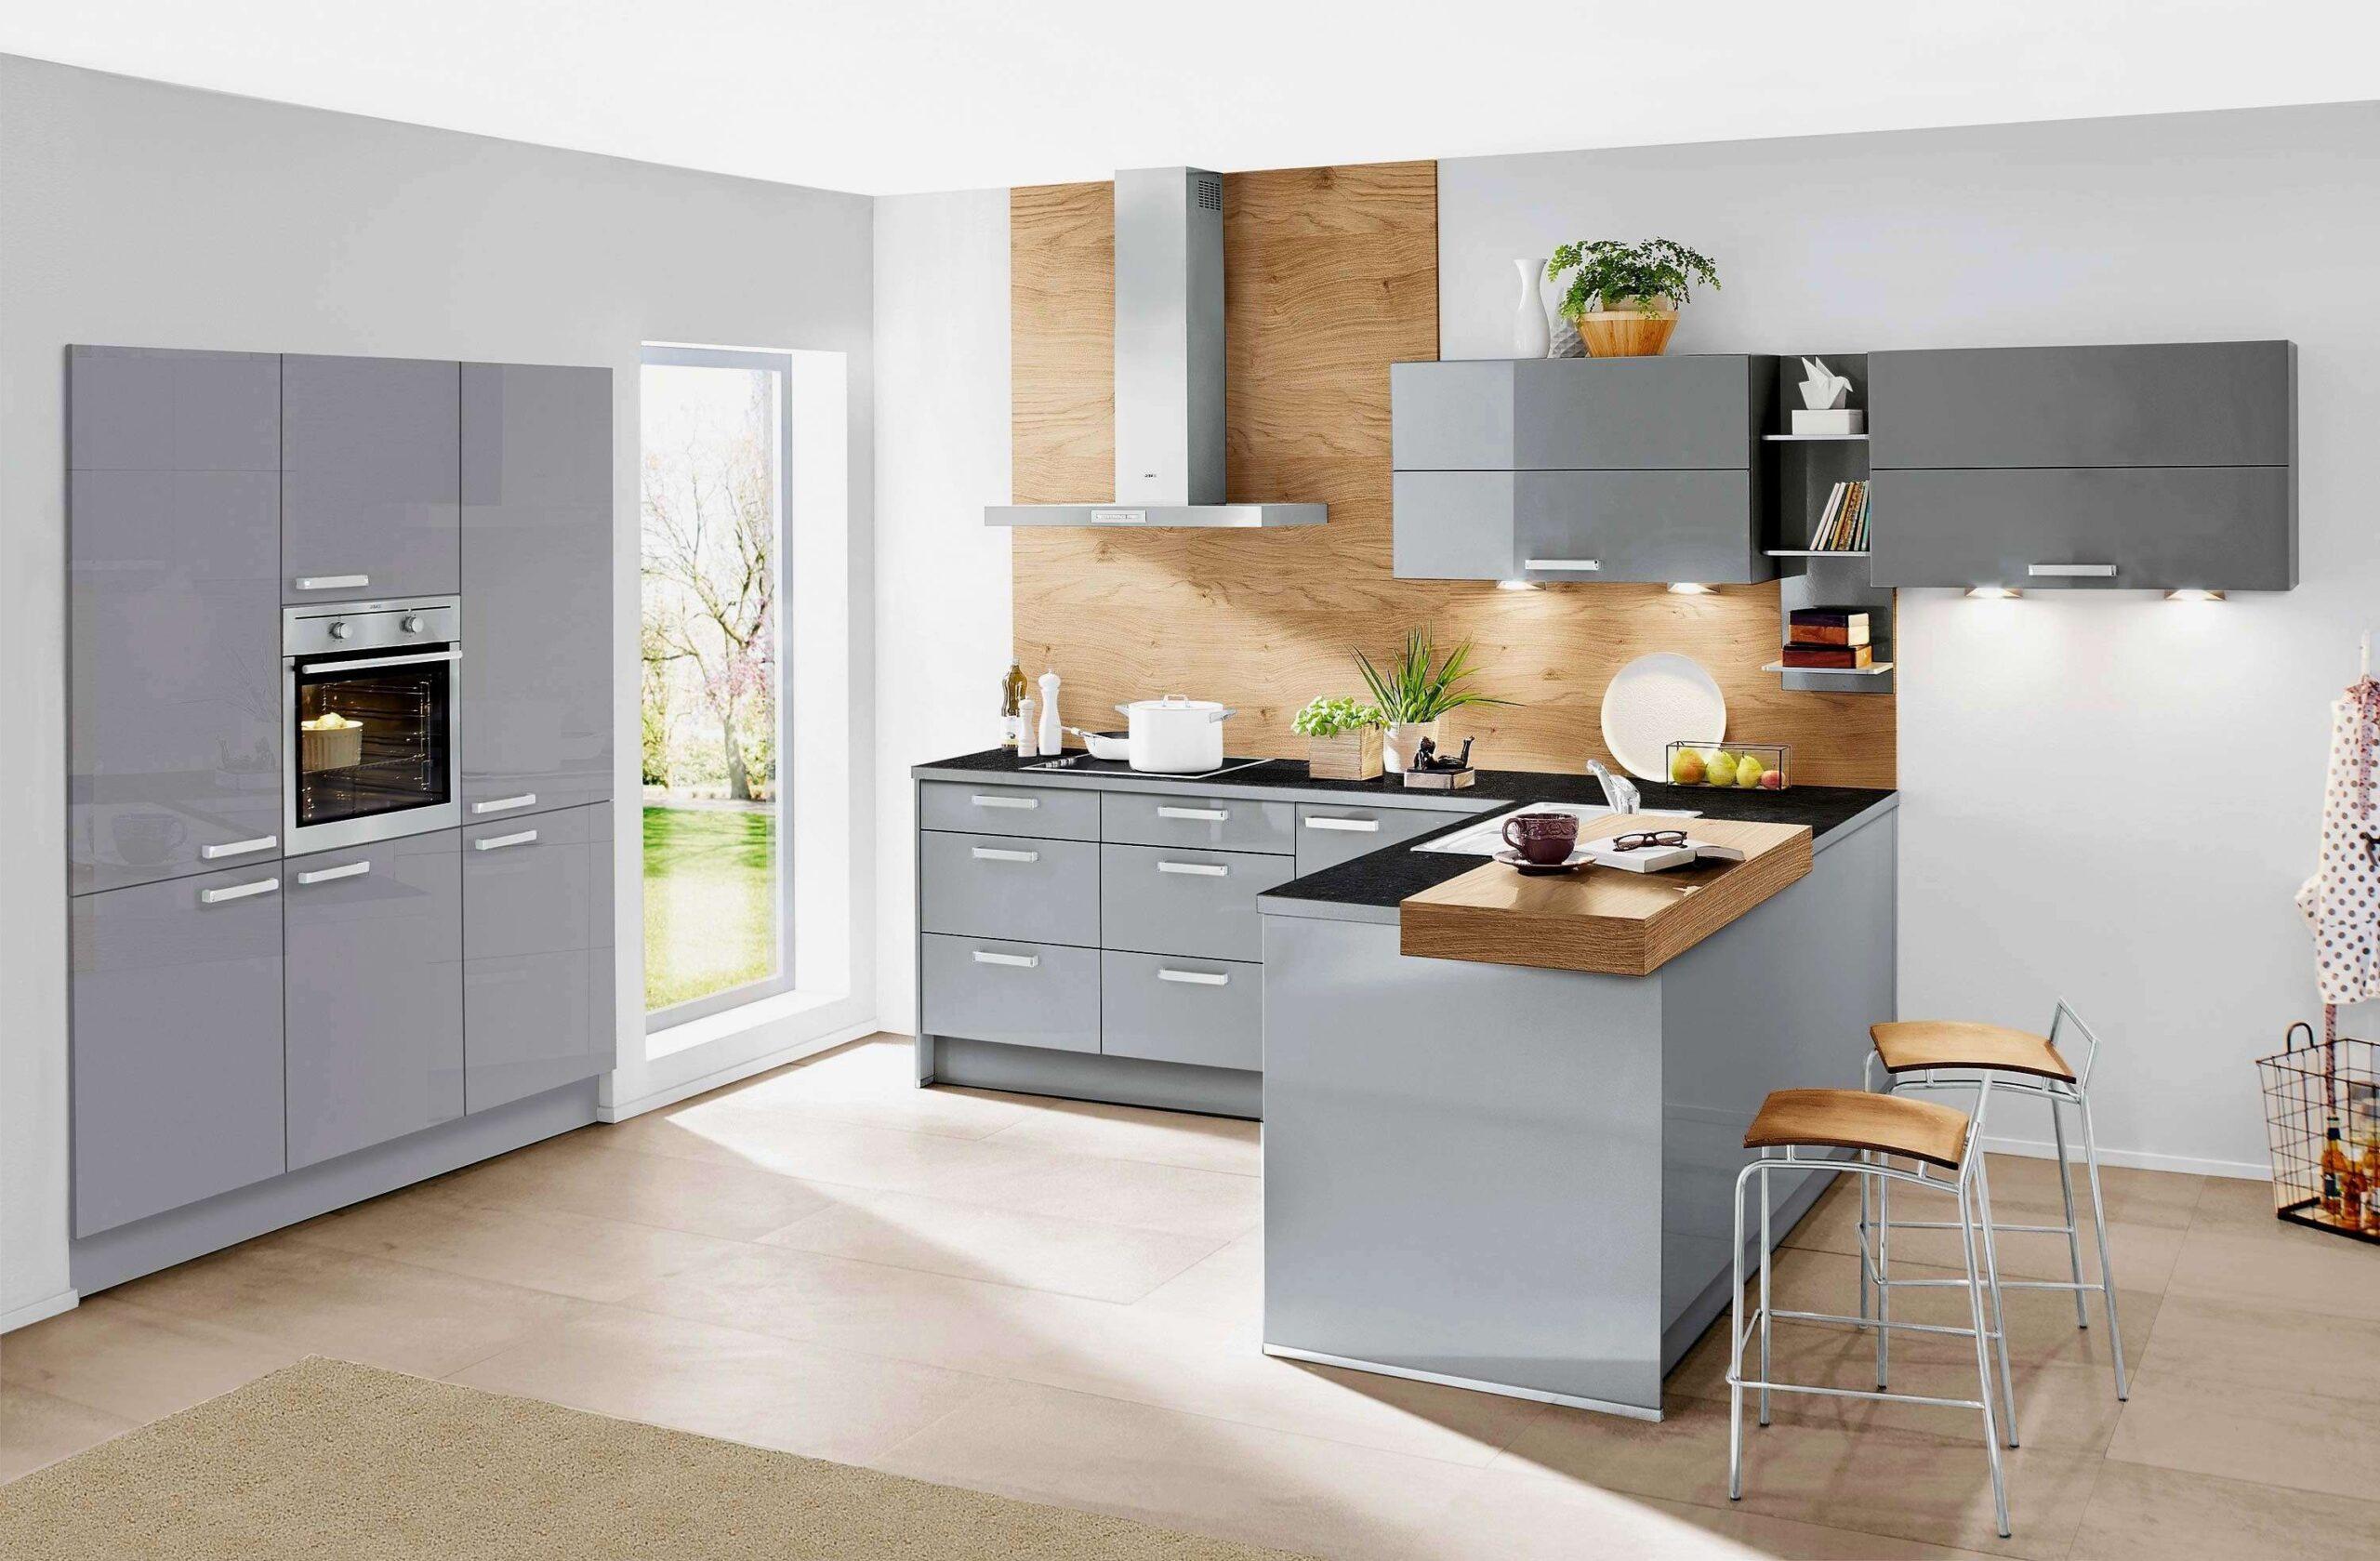 Full Size of Mobile Küche Ikea 11 Mbel Schlafzimmer Neu Gewinnen Waschbecken Was Kostet Eine Neue Sideboard Mit Arbeitsplatte Einbauküche Nobilia Kochinsel E Geräten Wohnzimmer Mobile Küche Ikea